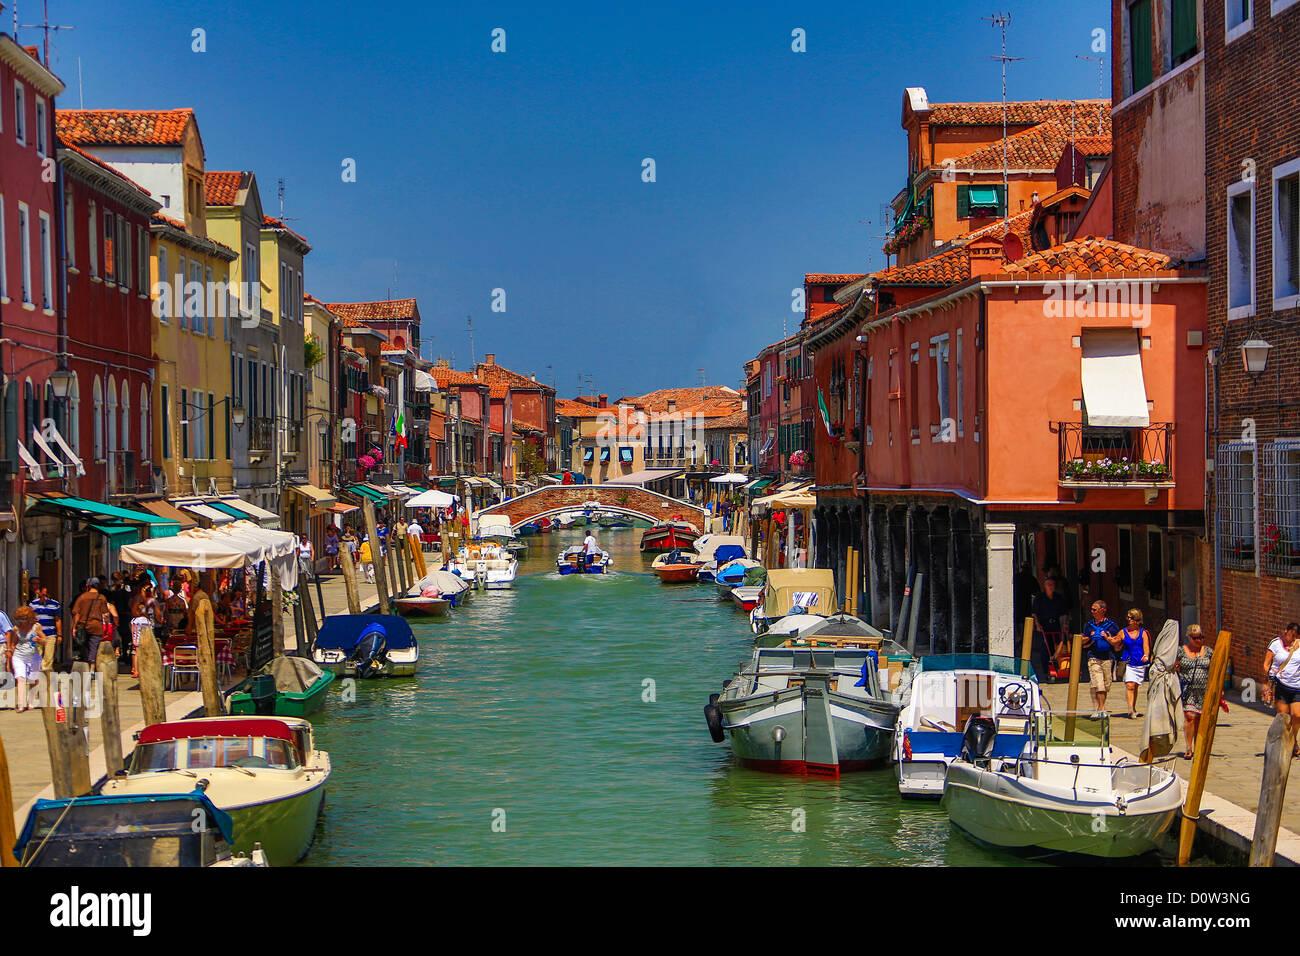 L'Italia, Europa, viaggi, Murano, Fondamenta Dei Vetrai, Canal, barche, Venezia Immagini Stock